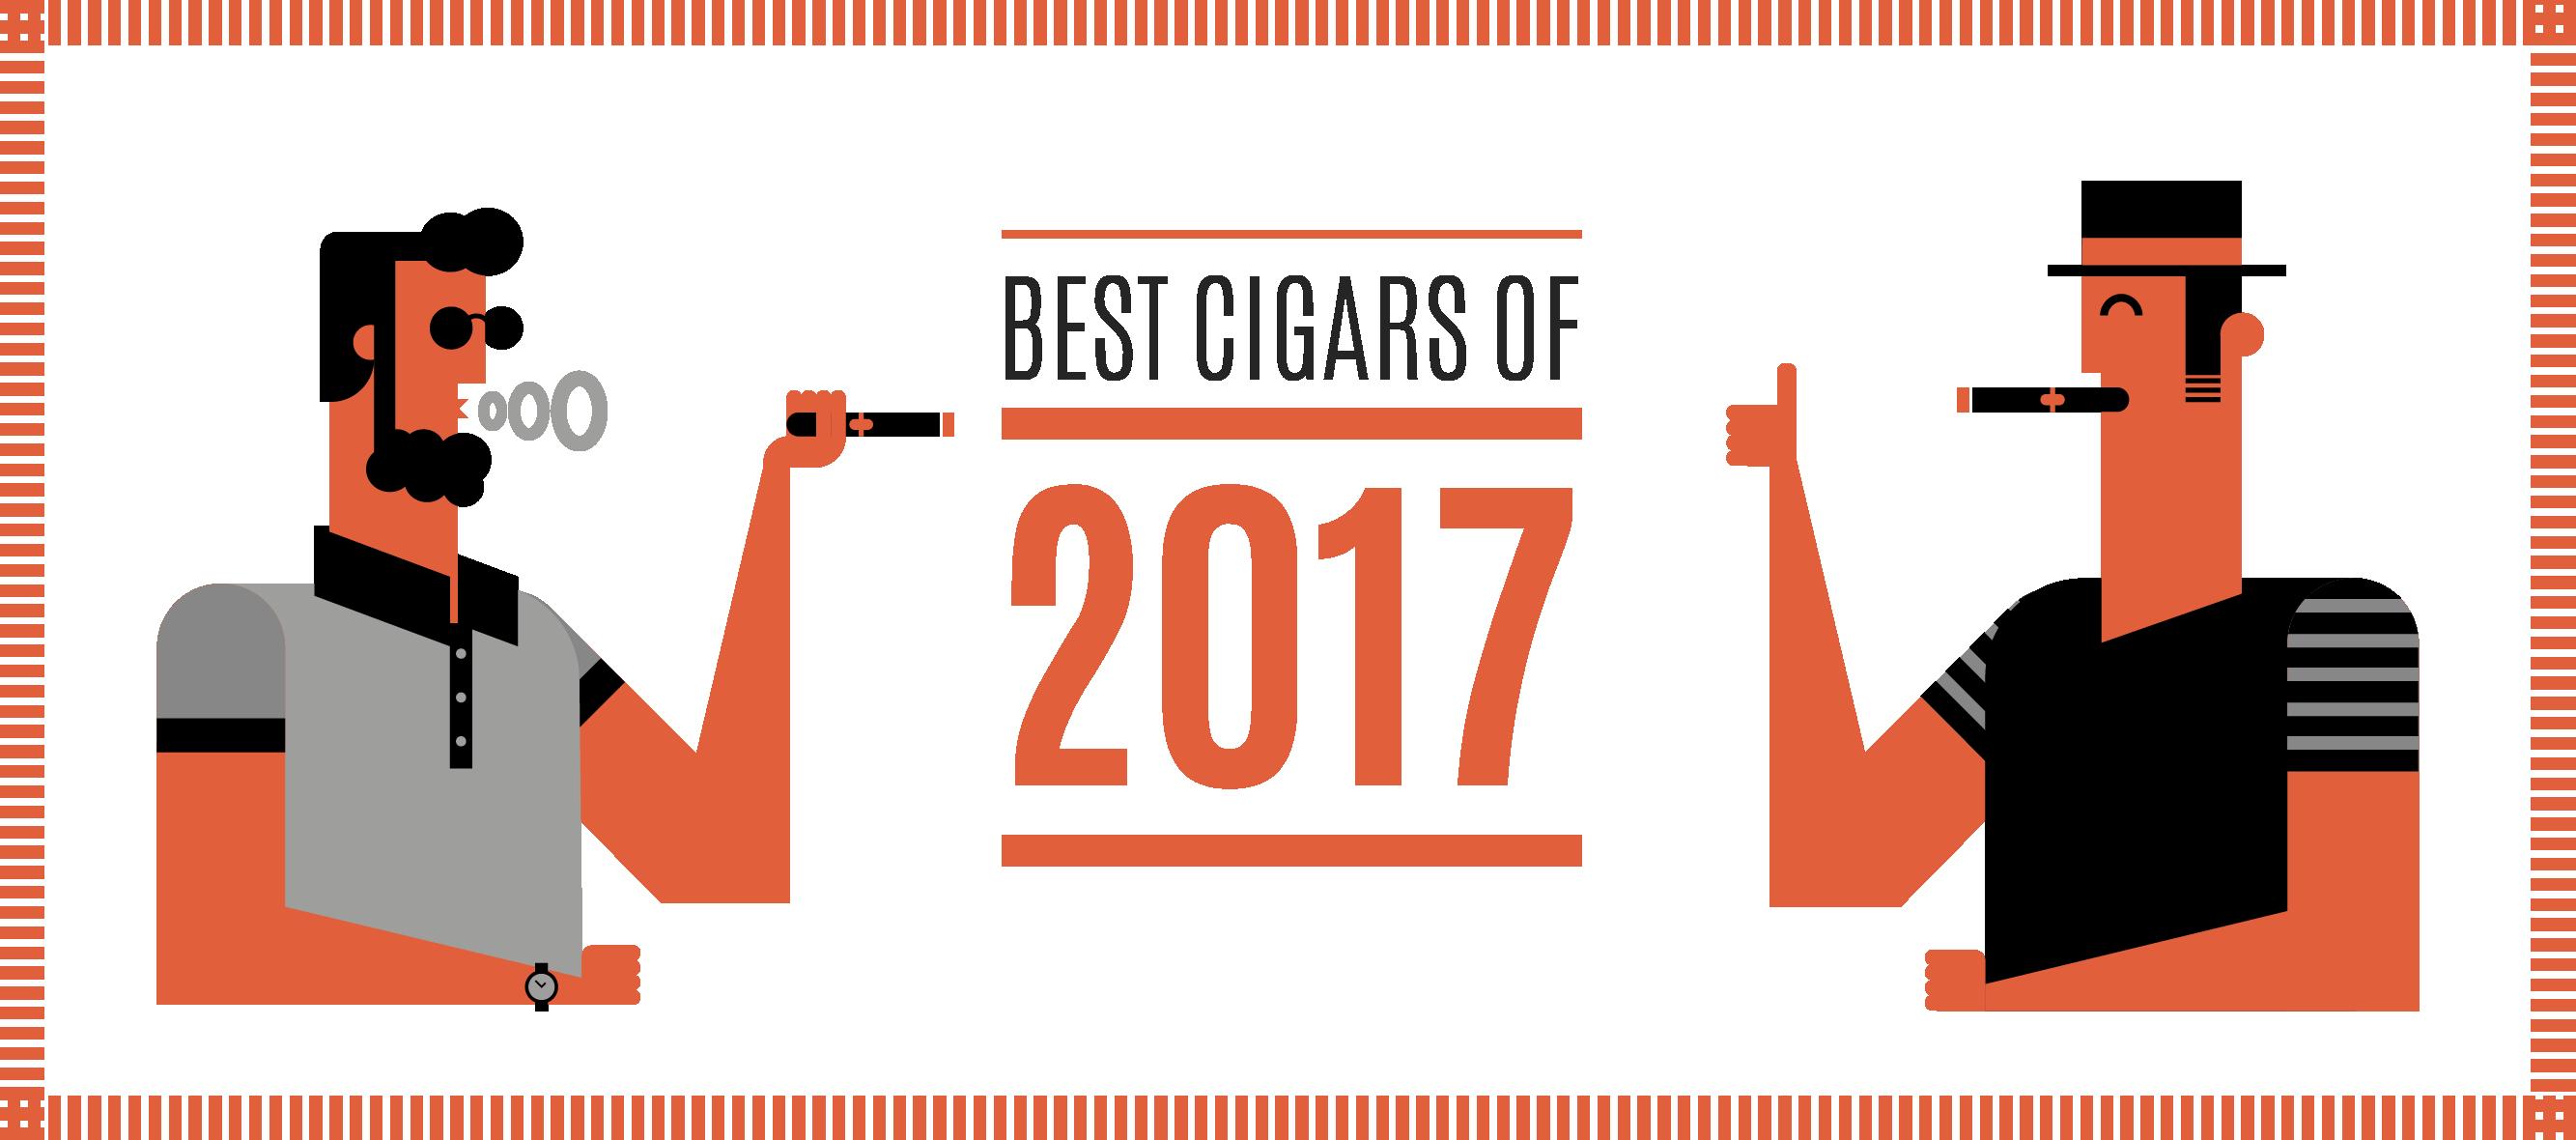 Cigar clipart vintage cigar. Top cuban cigars of